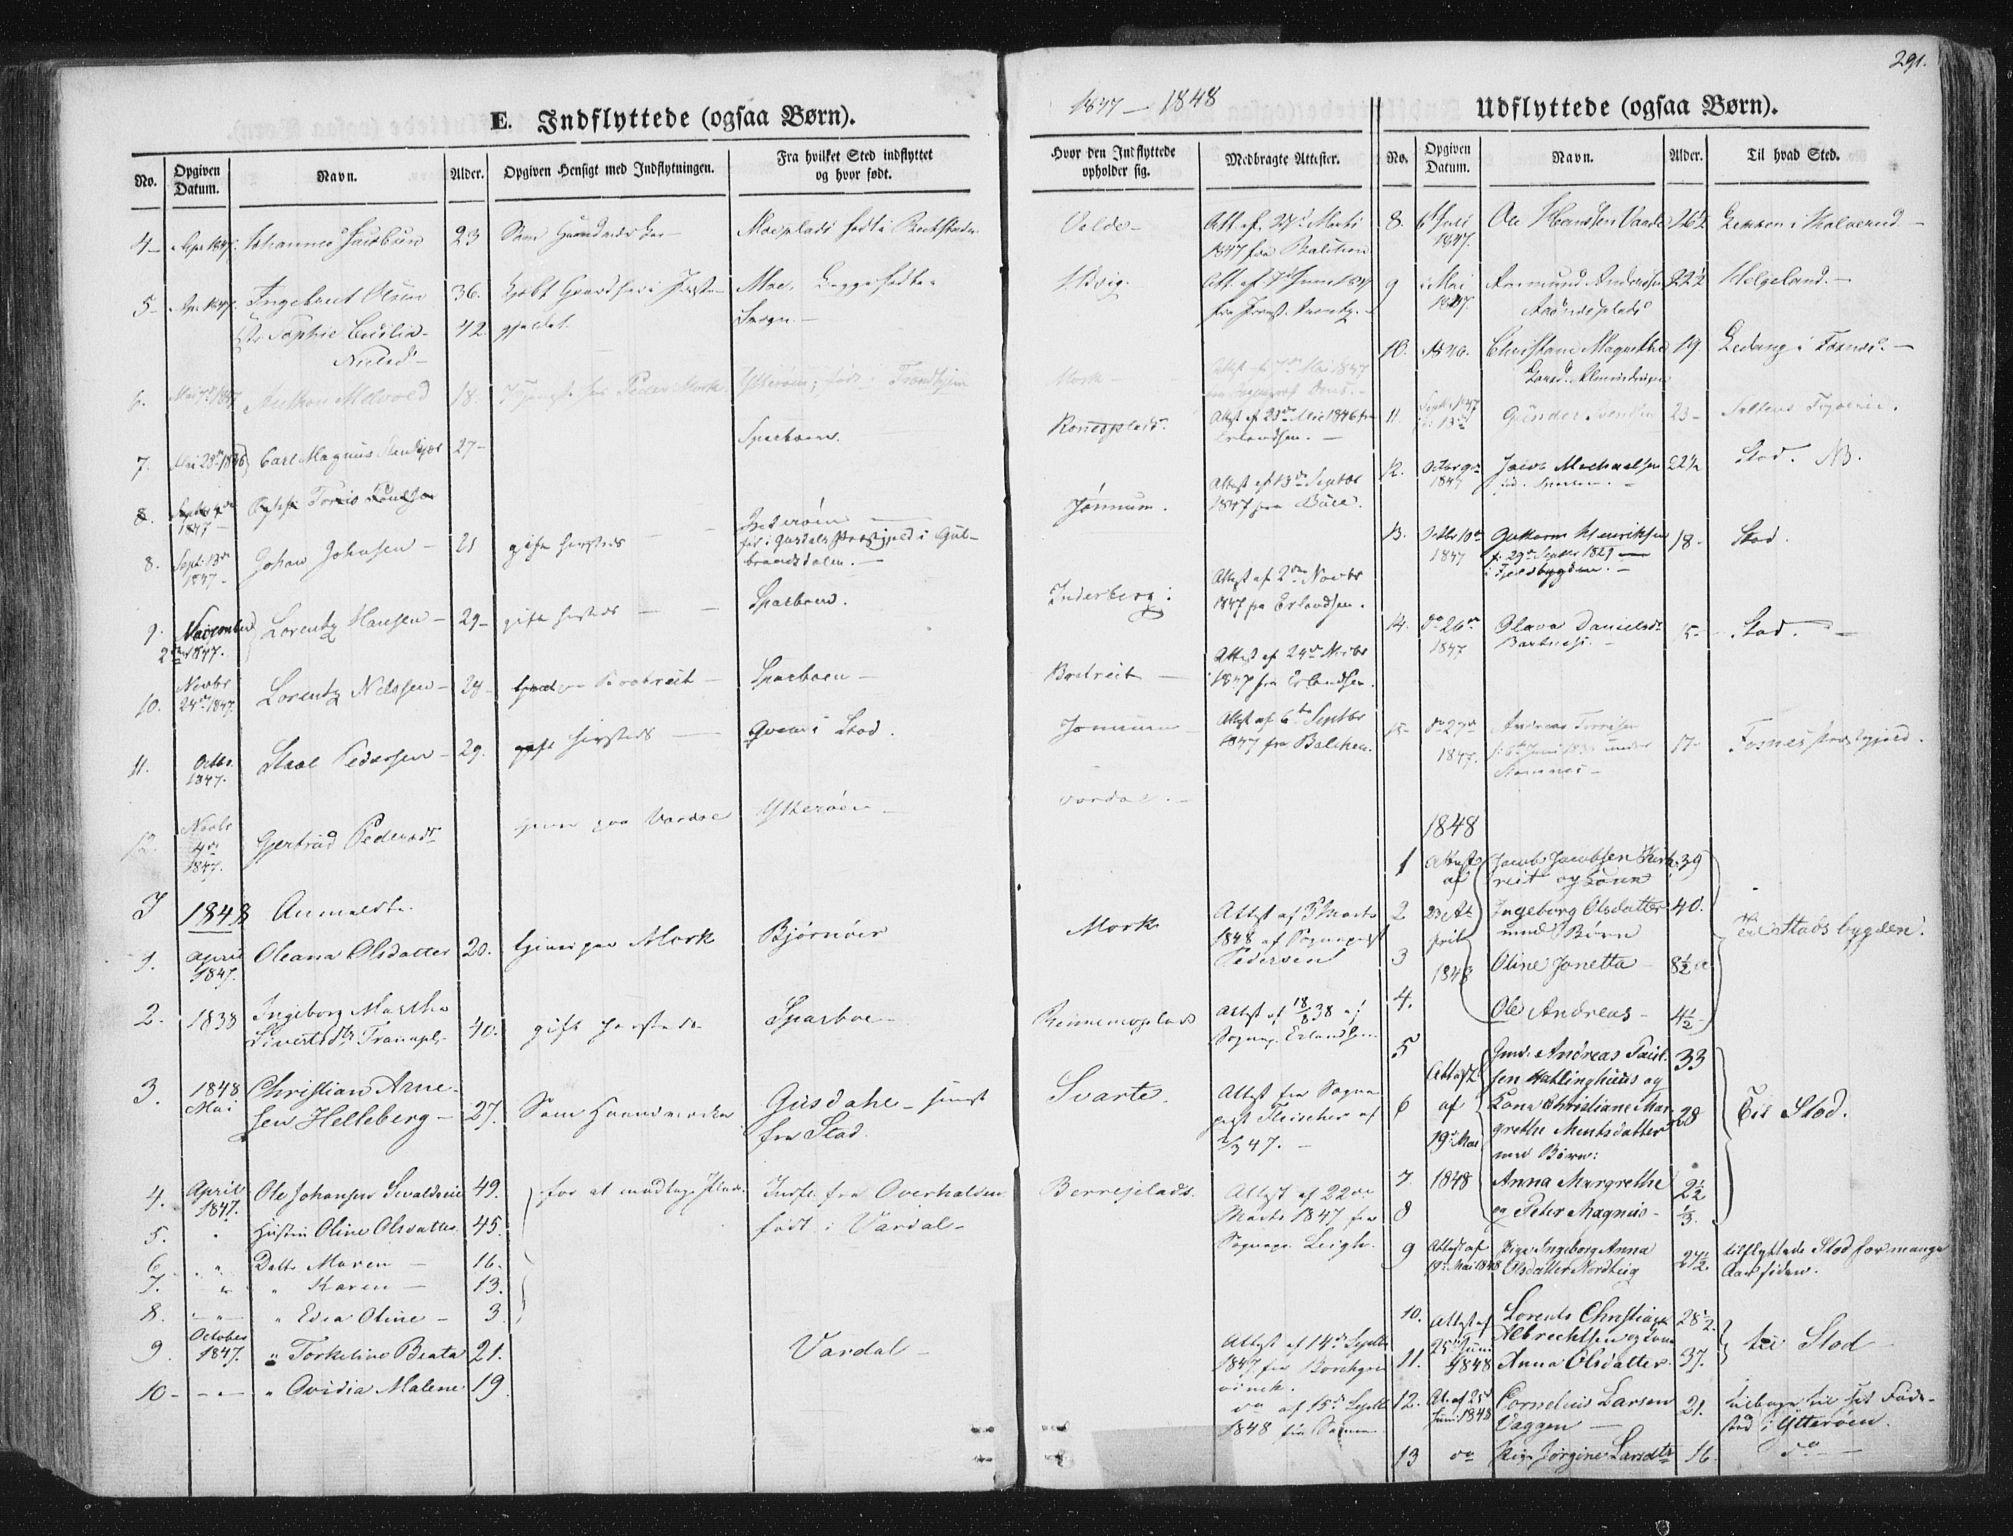 SAT, Ministerialprotokoller, klokkerbøker og fødselsregistre - Nord-Trøndelag, 741/L0392: Ministerialbok nr. 741A06, 1836-1848, s. 291